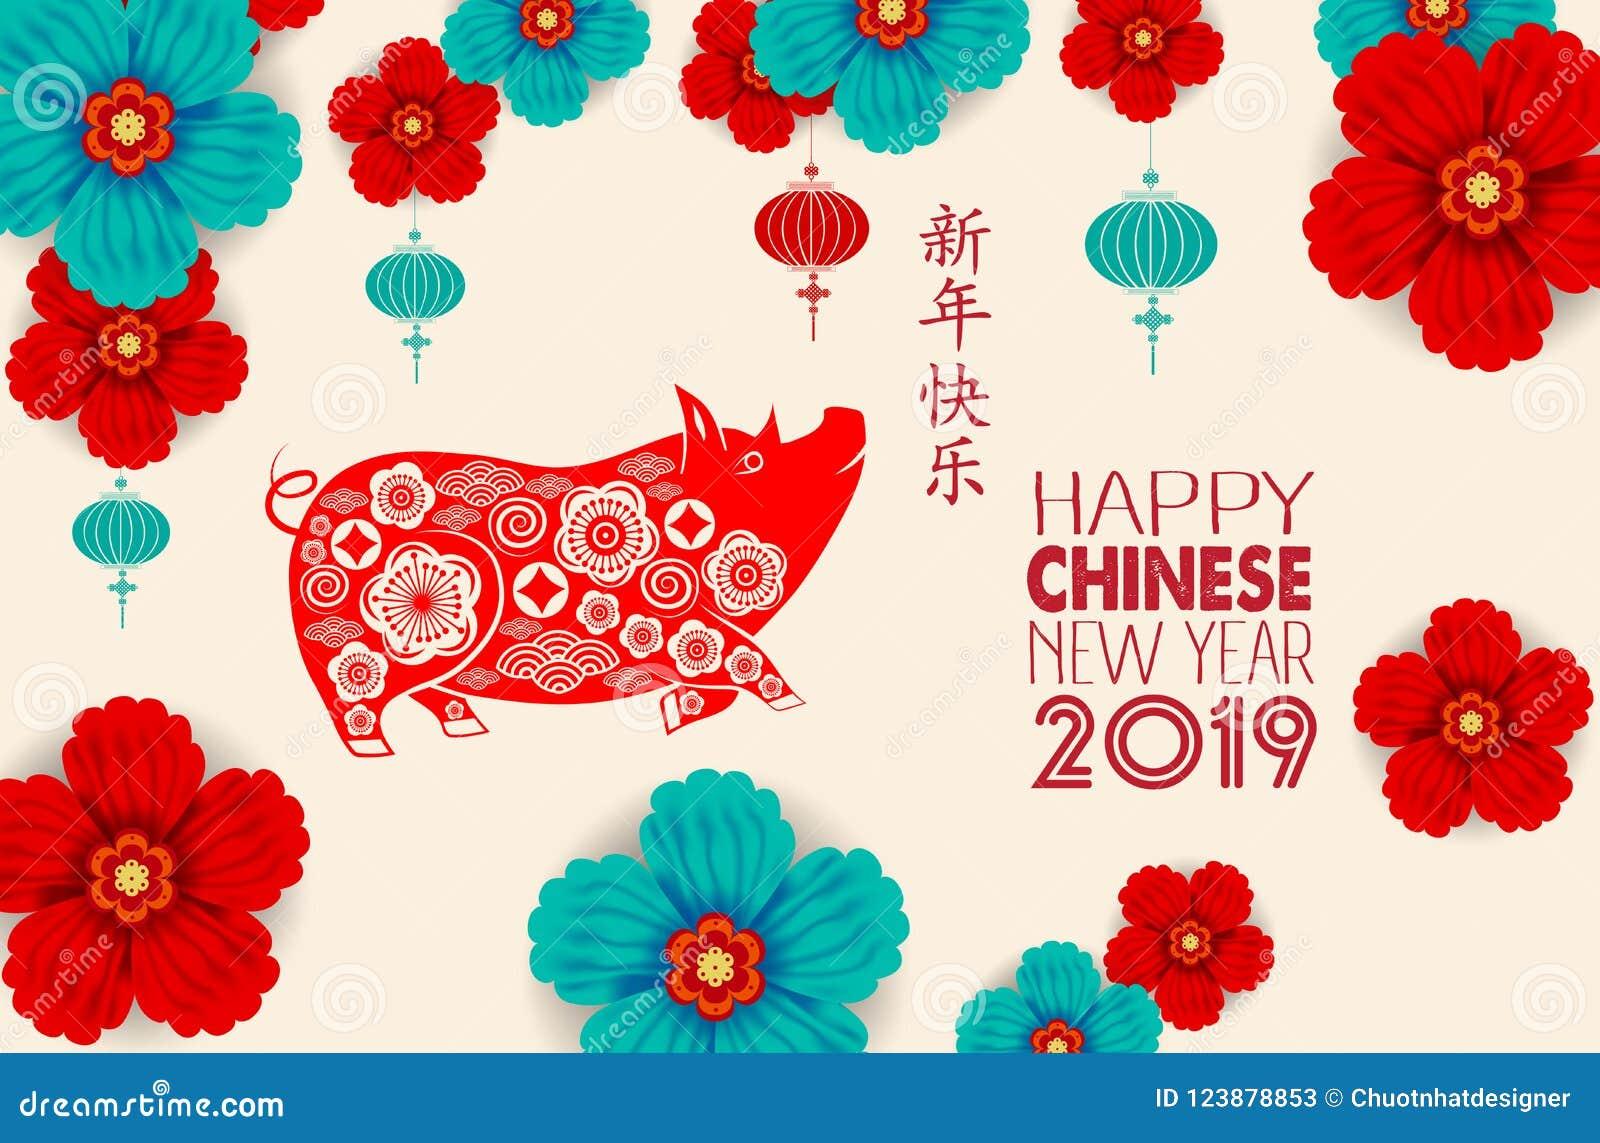 Ευτυχές κινεζικό νέο έτος έτους 2019 του ύφους περικοπών εγγράφου χοίρων Οι κινεζικοί χαρακτήρες σημαίνουν καλή χρονιά, πλούσιος,